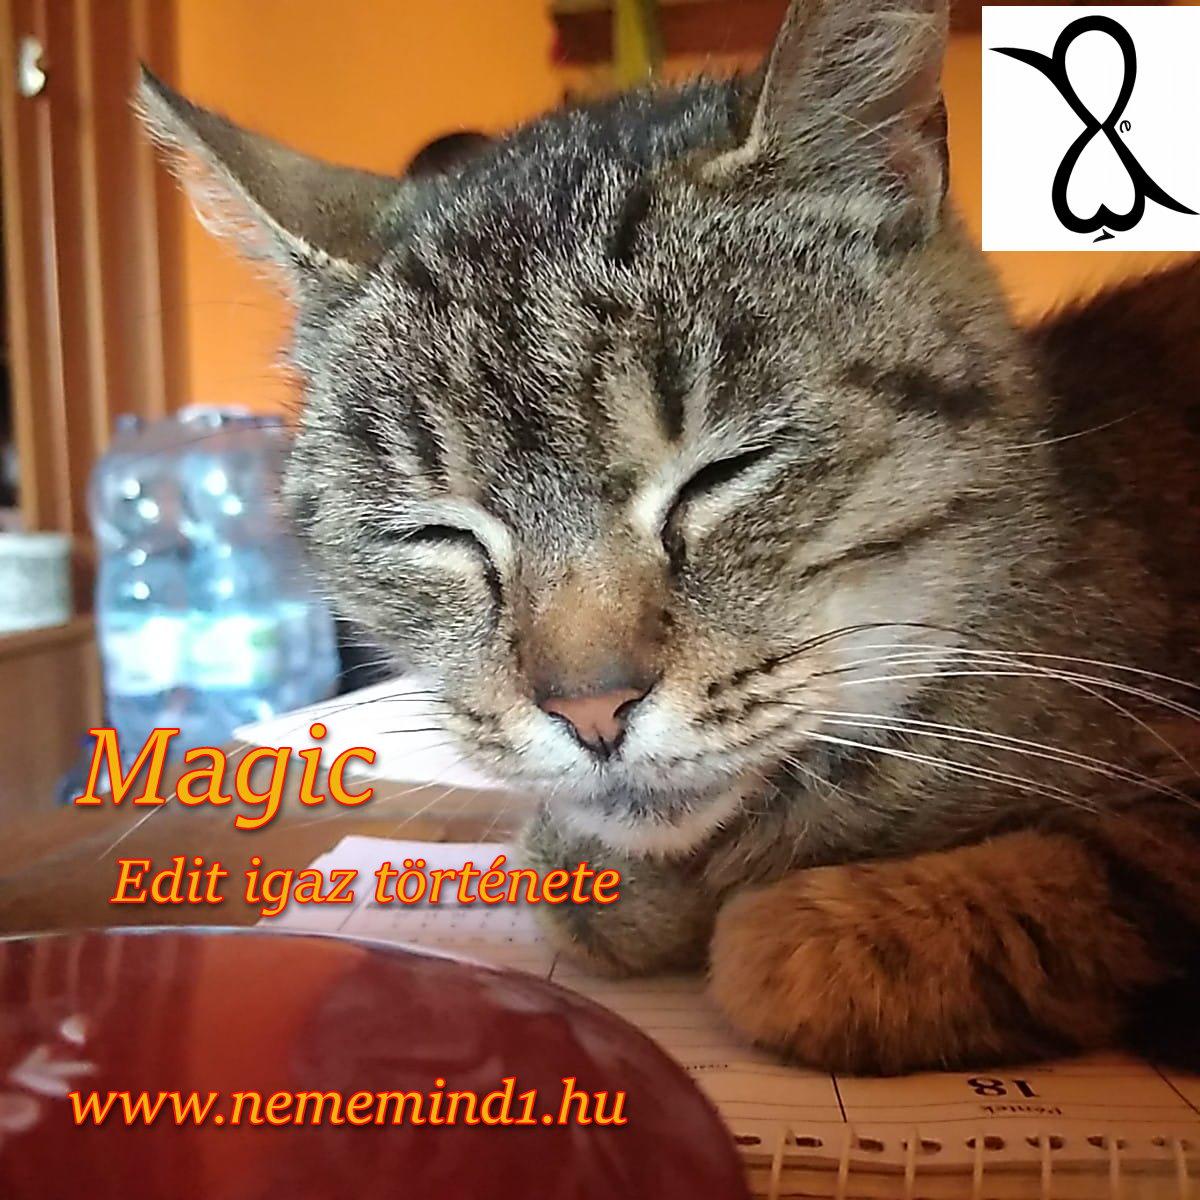 Magic (Edit igaz története)